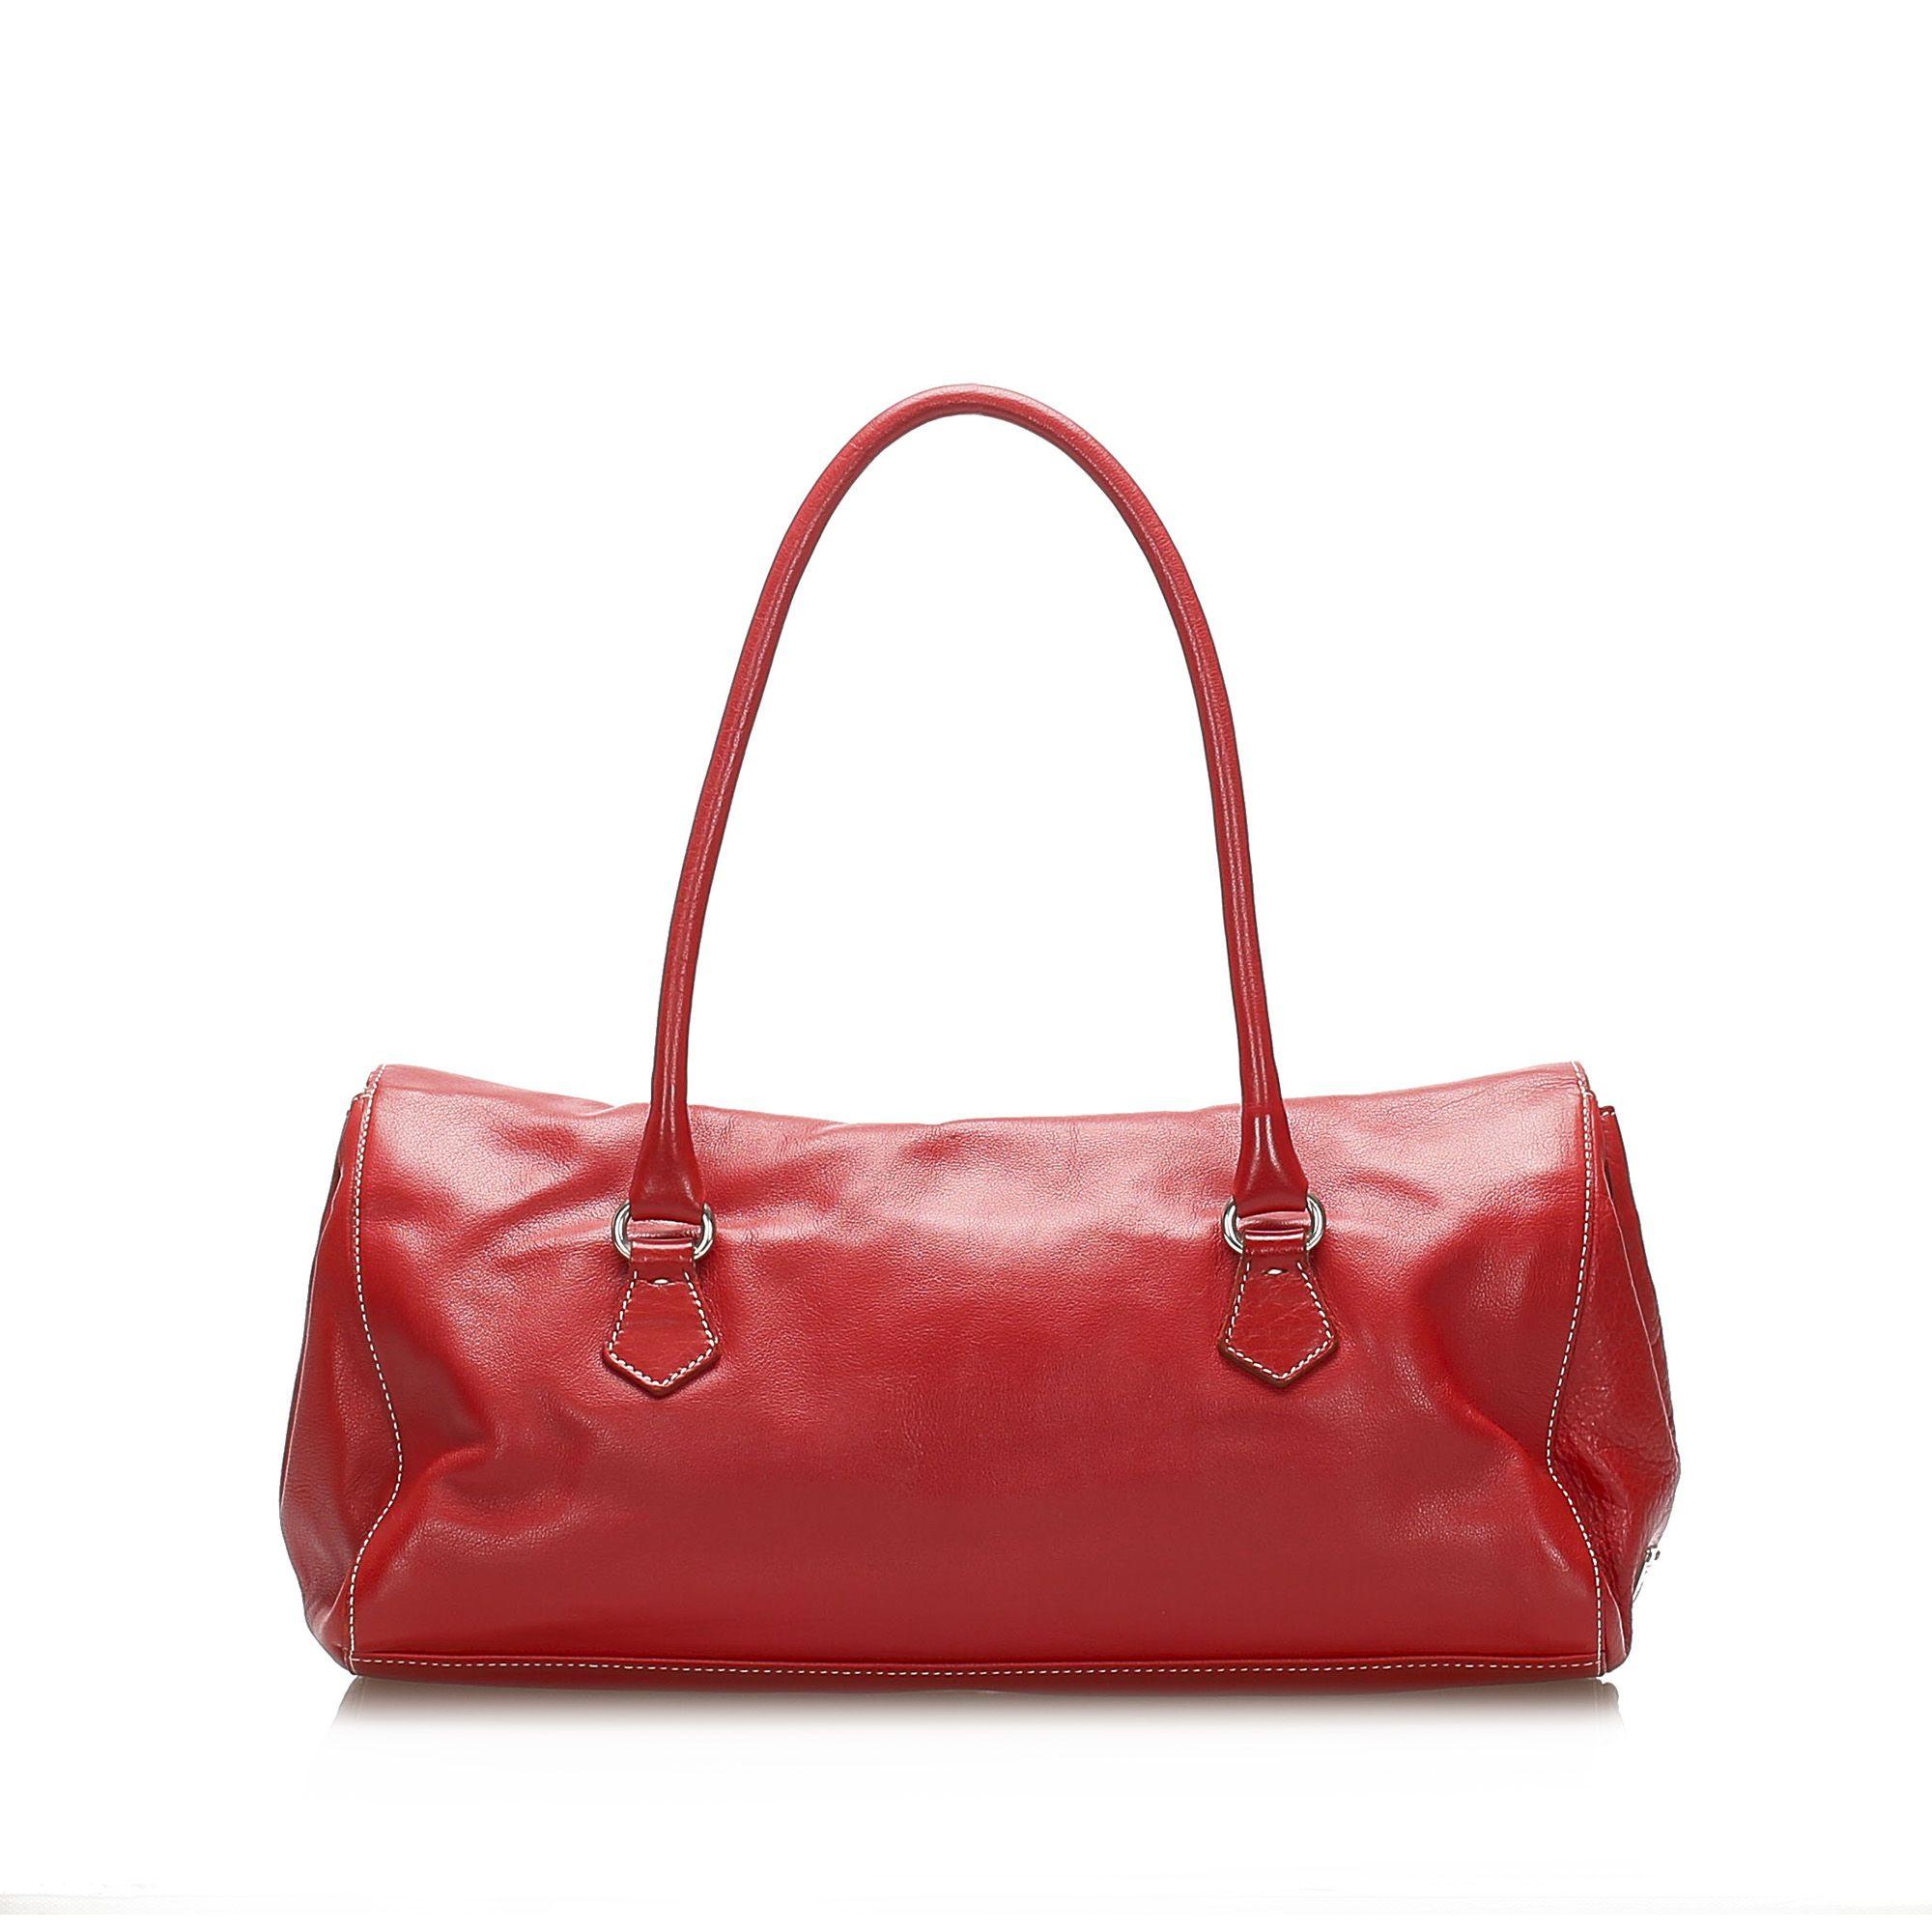 Vintage Prada Easy Leather Shoulder Bag Red